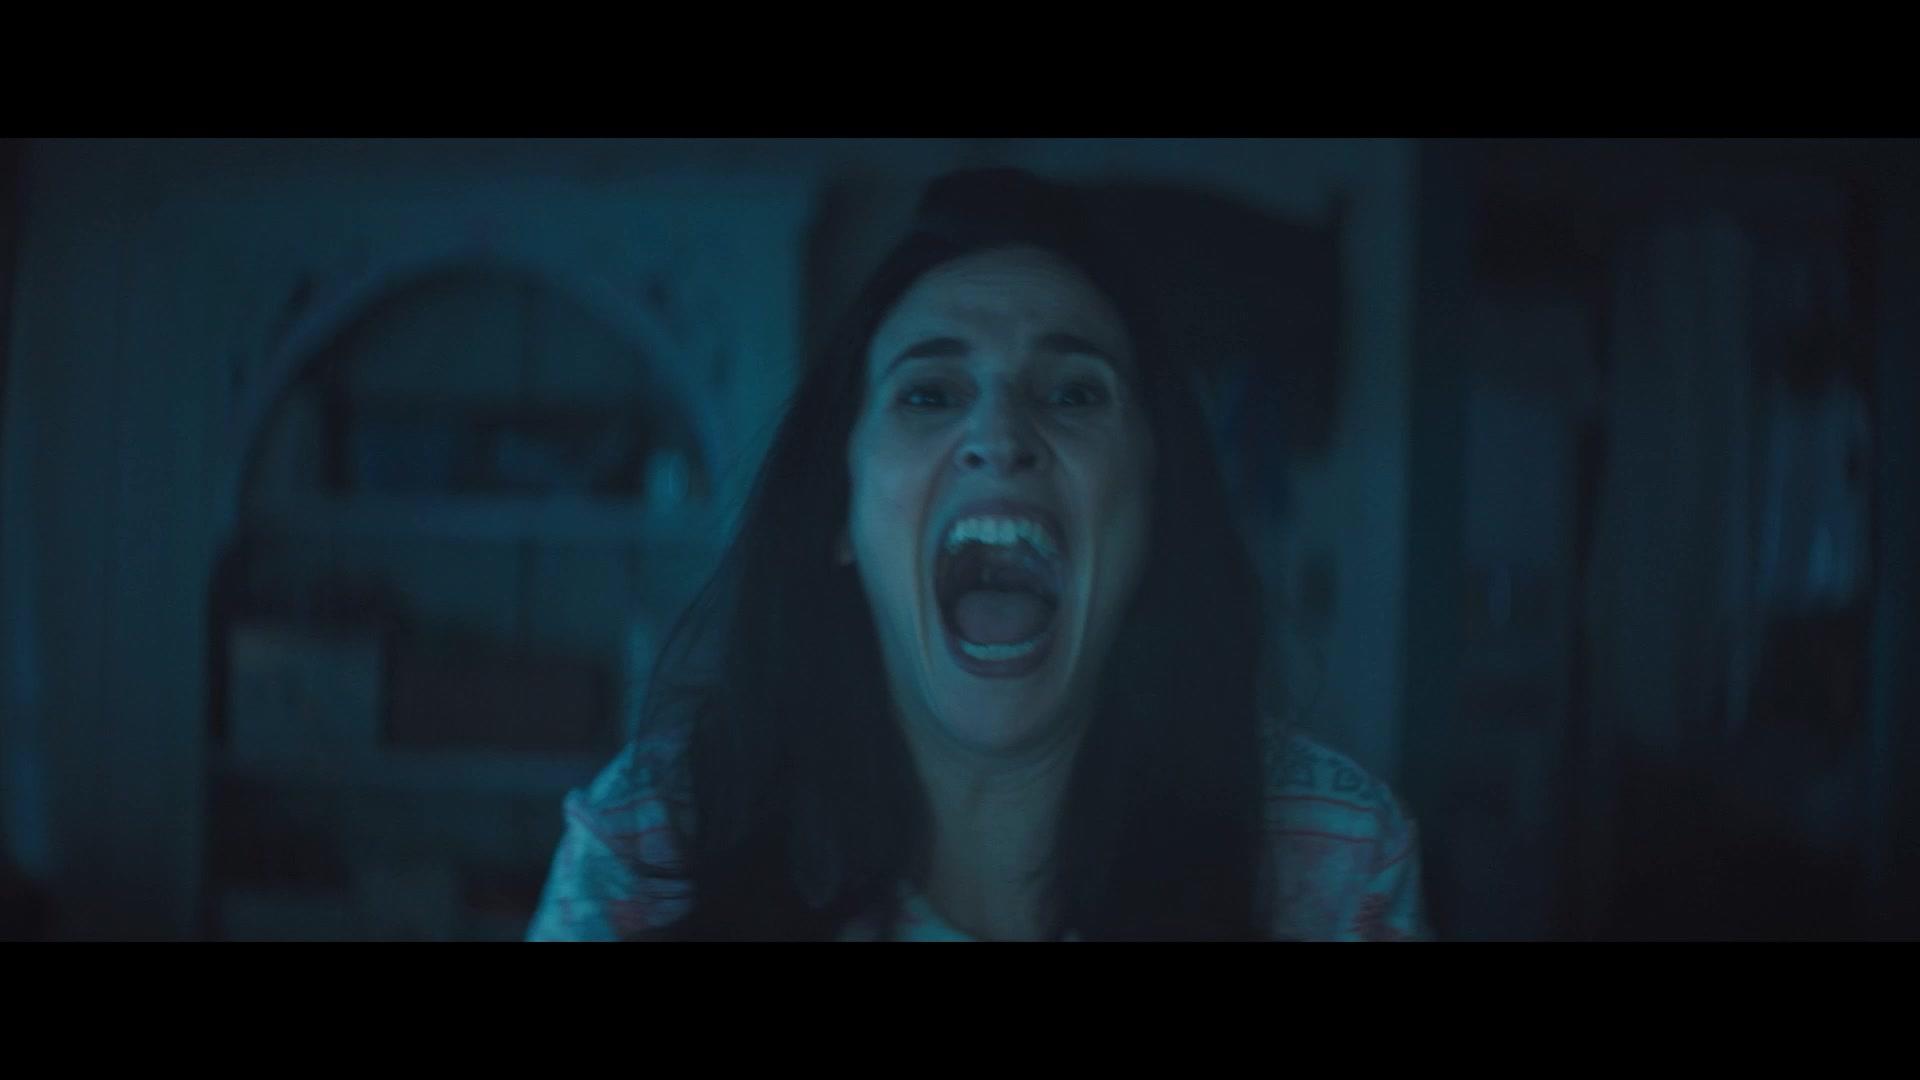 Новый трейлер фильма «Оборотни внутри» – Трейлер (дублированный) 01:28 FullHD